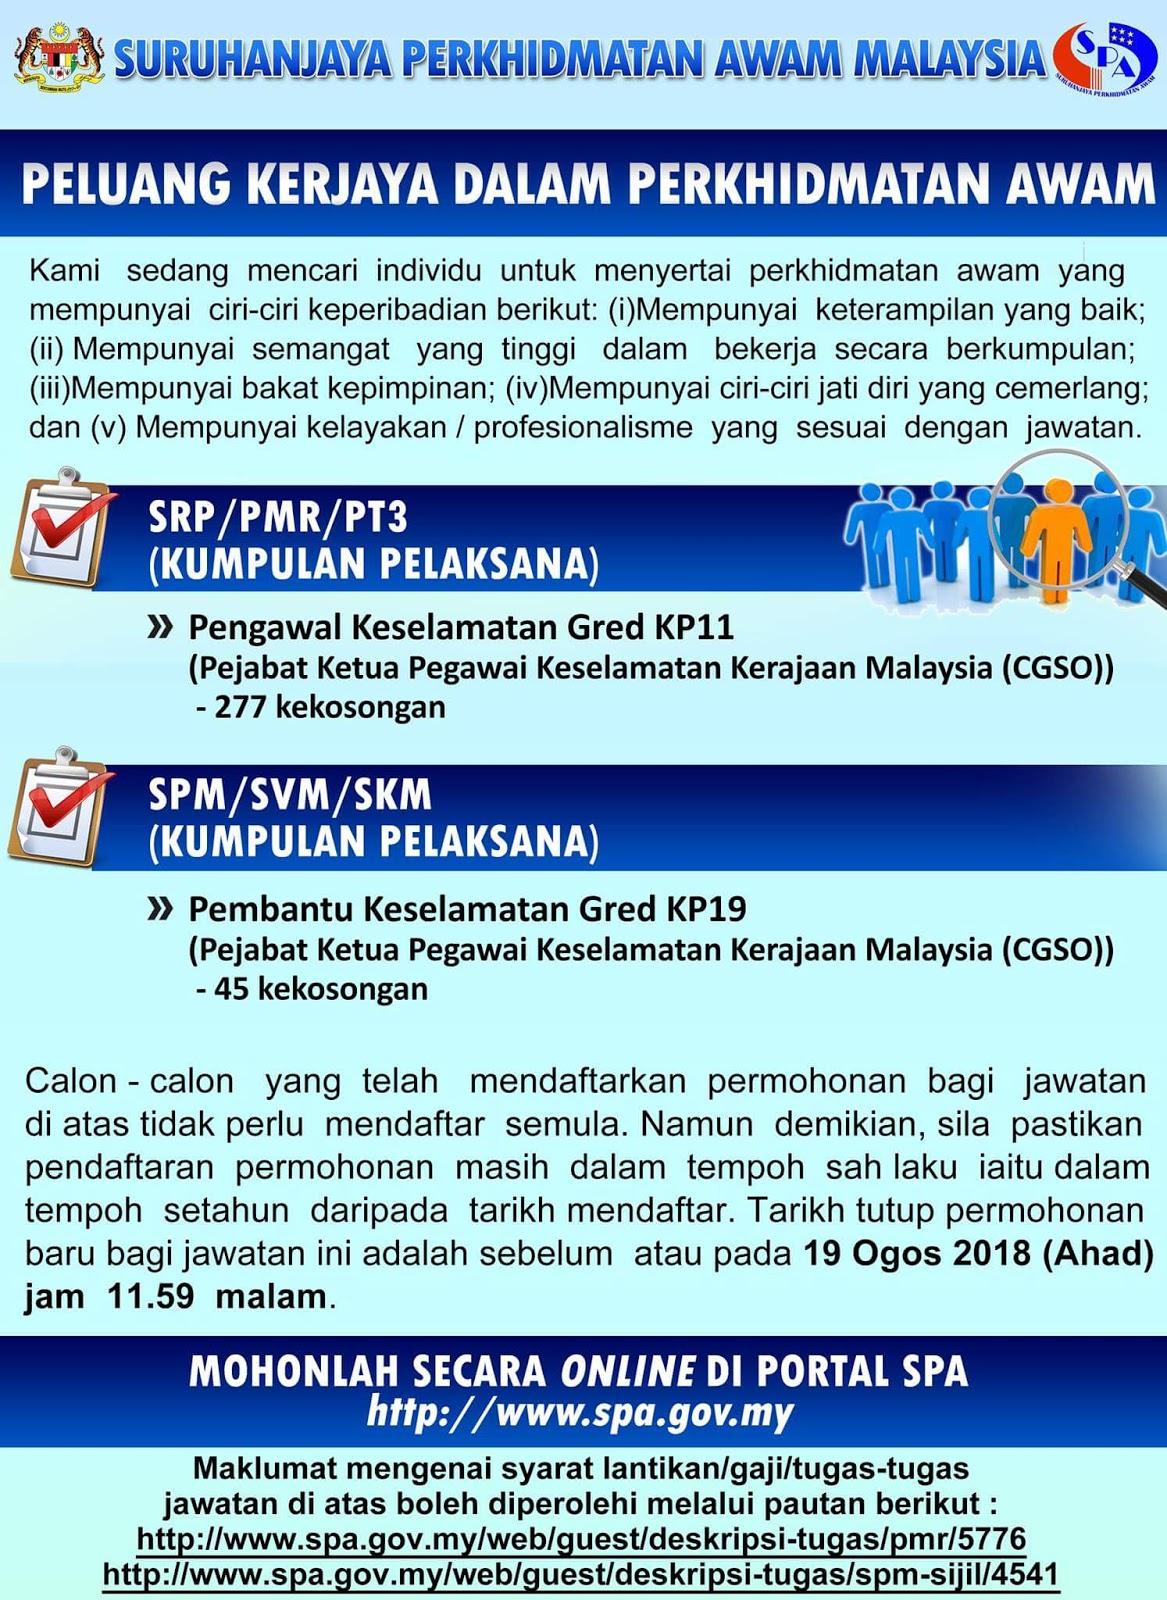 Jawatan Kosong Pengawal Keselamatan Gred Kp11 2020 Spa